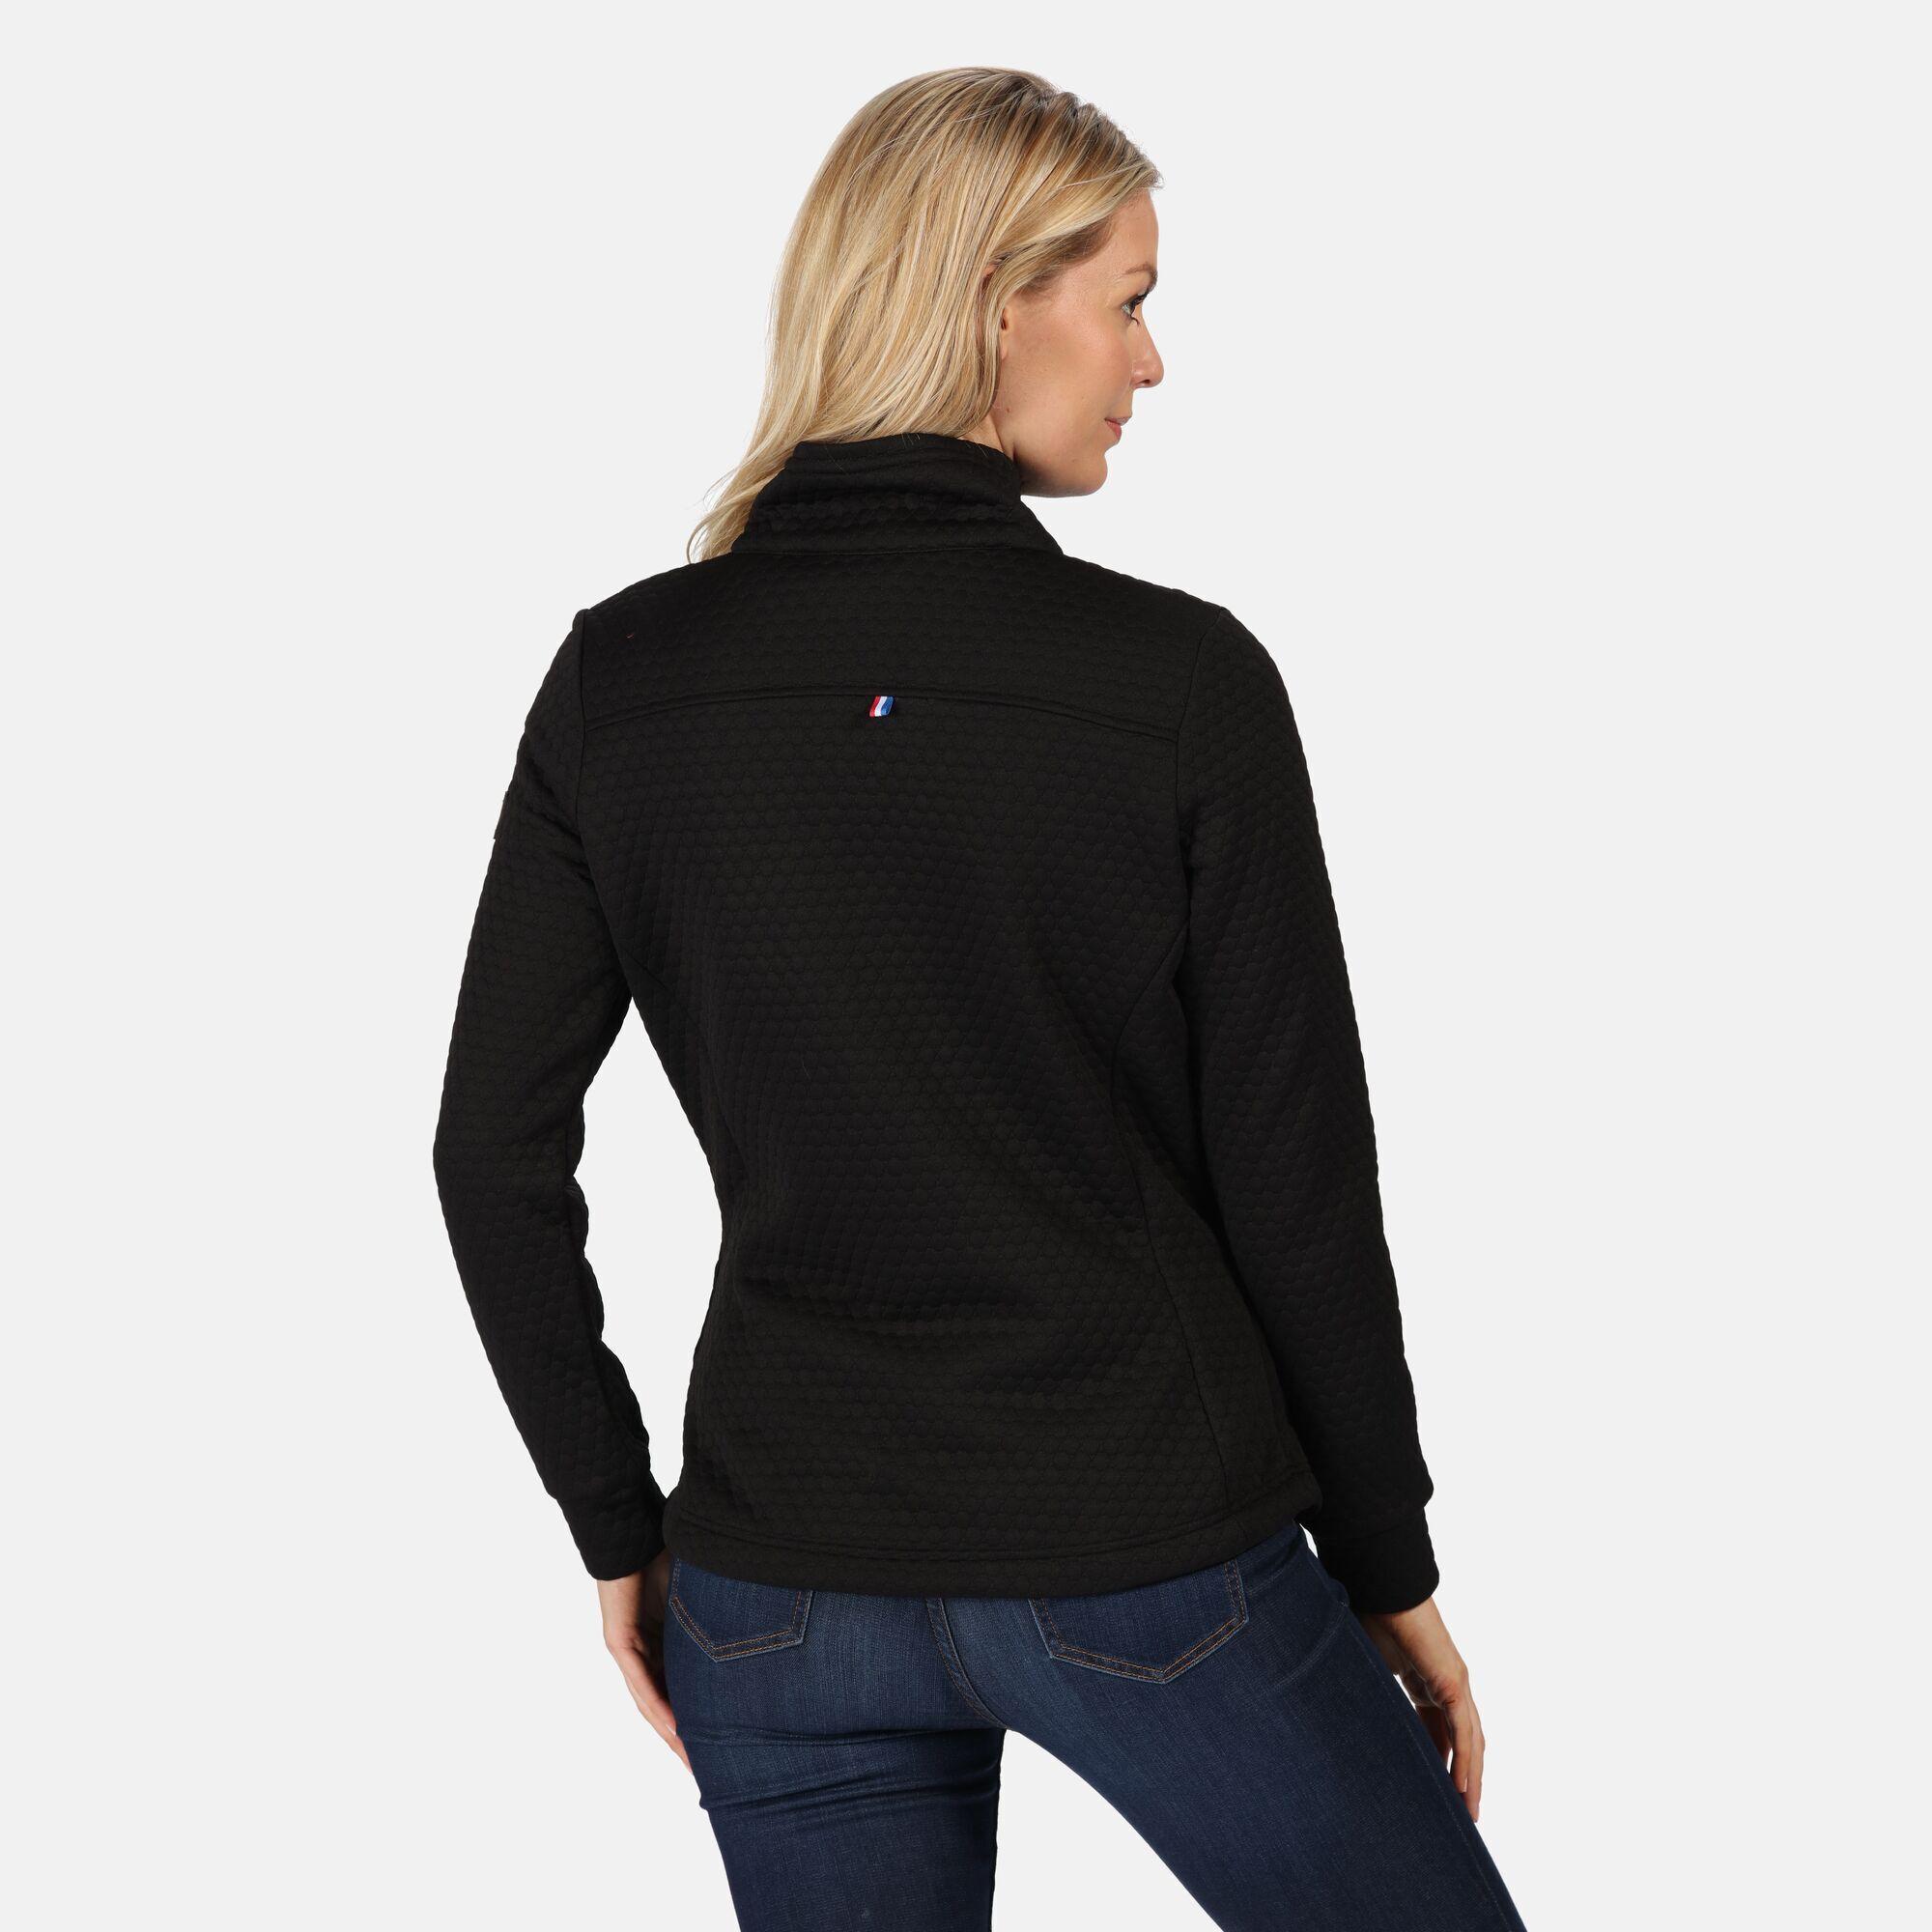 Regatta Womens//Ladies Sulola Full Zip Quilted Fleece RG4907